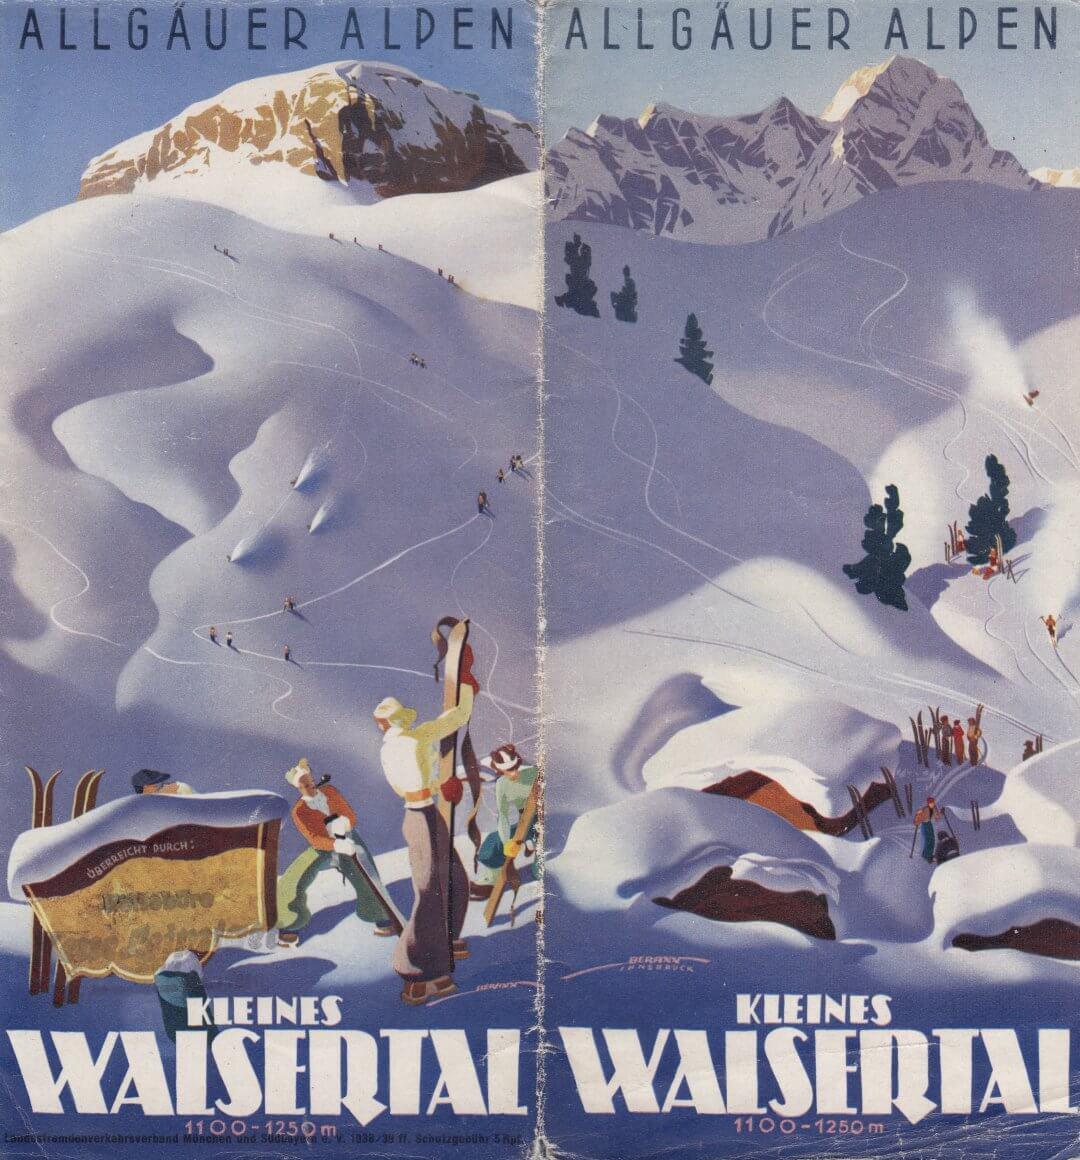 Allgauer Alpen Kleines Walserstal